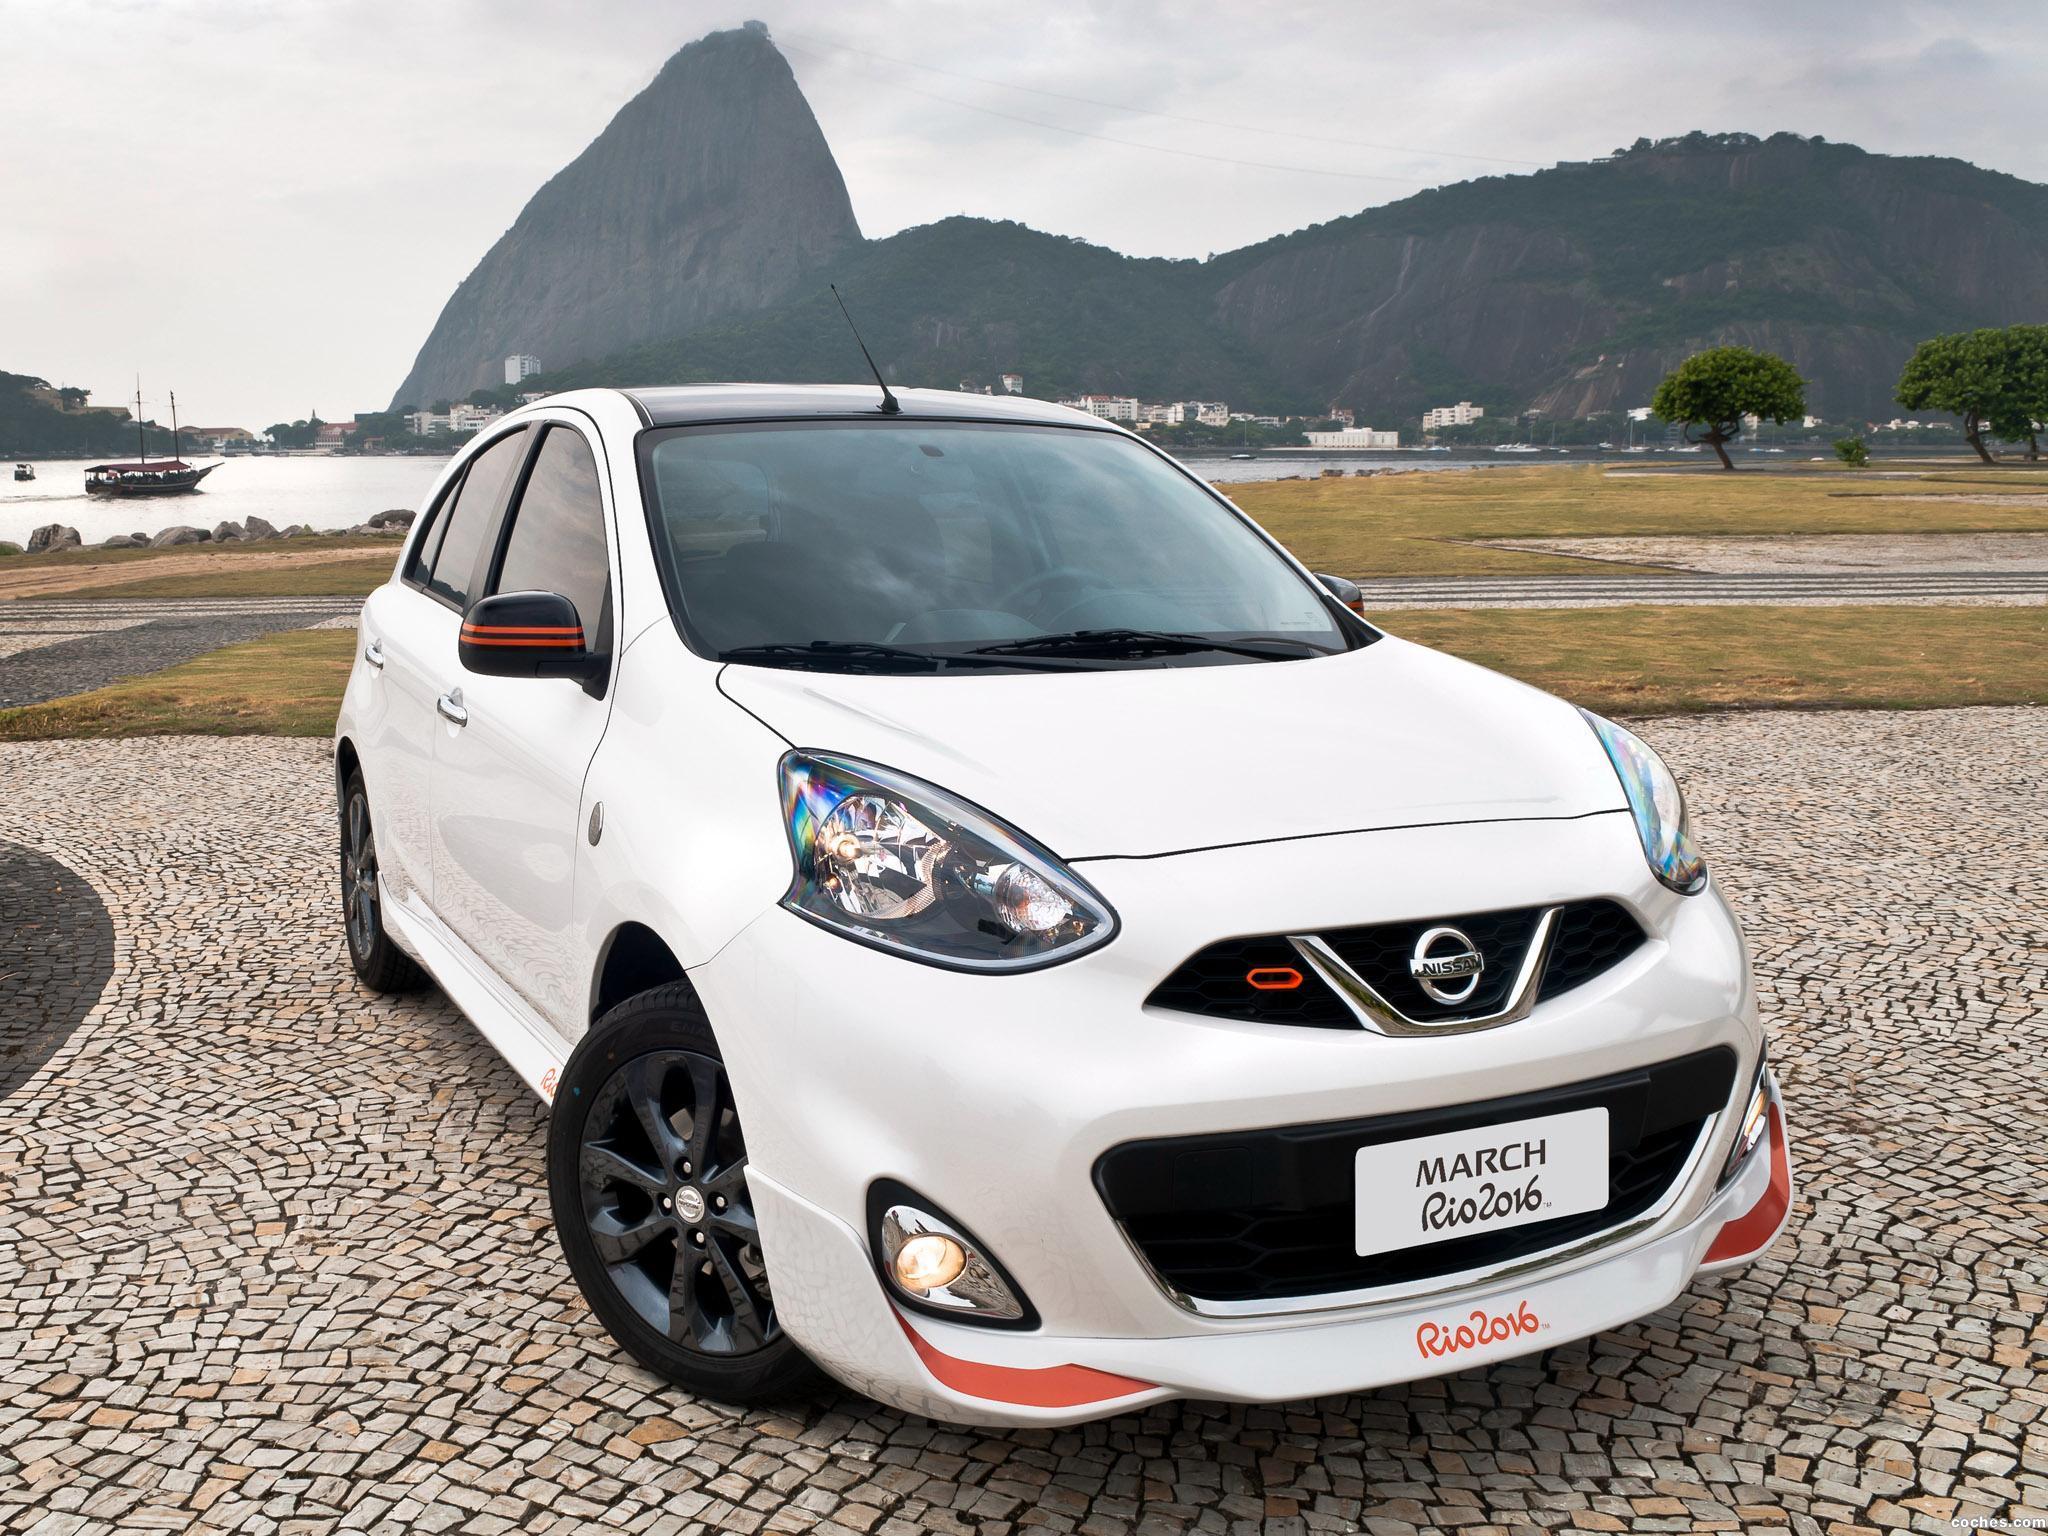 Foto 6 de Nissan March Rio 2016